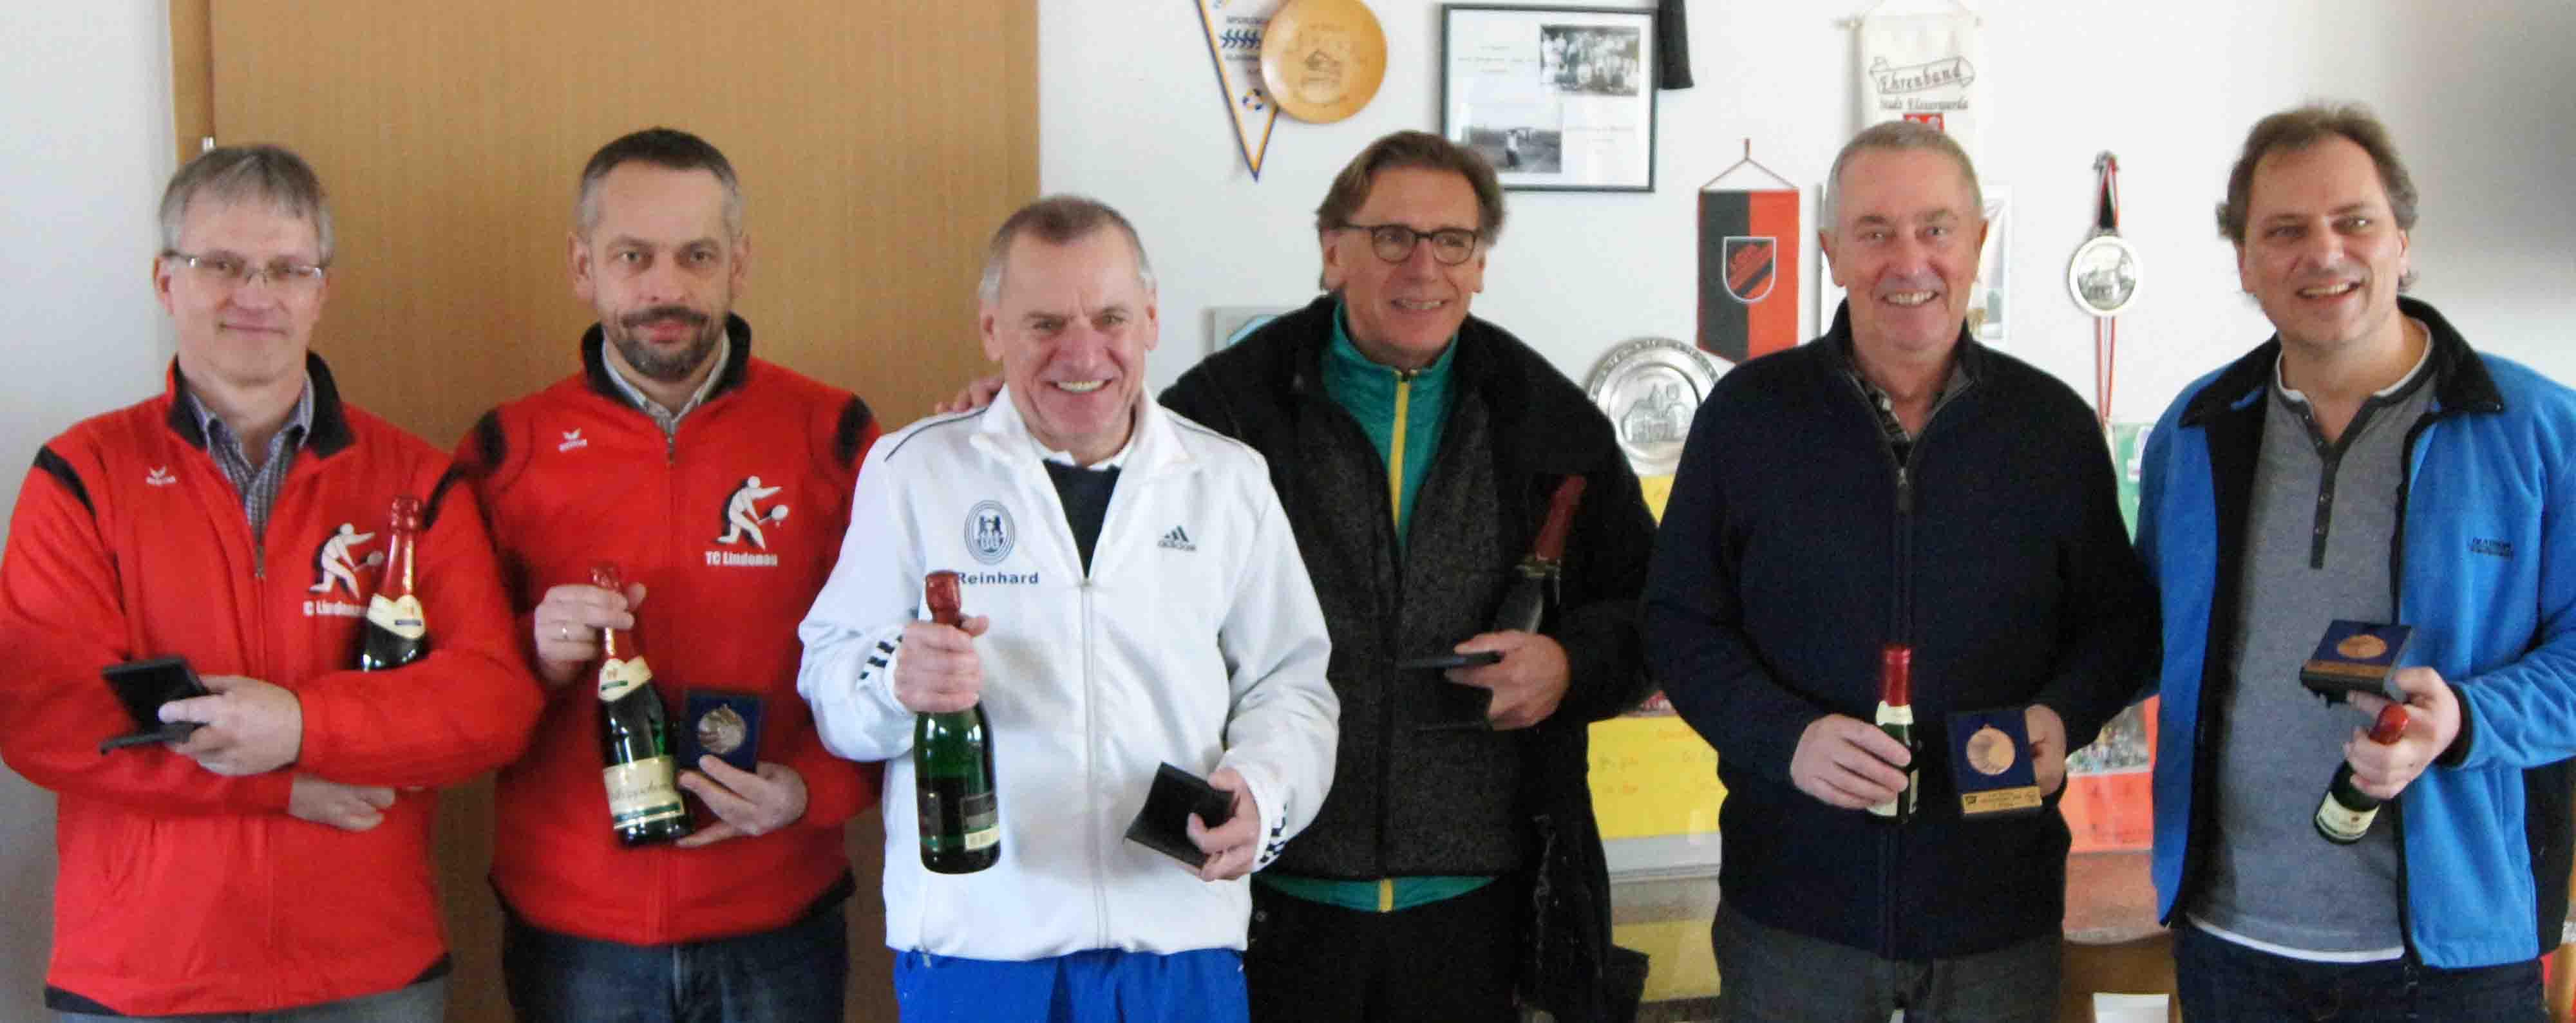 v.l.n.r.: Jens Fischer und Hardy Borkert (Lindenau), Reinhard Lehmann und Udo Walczak (Berlin) sowie Manfred Huhle und Holm Griger (Dresden)